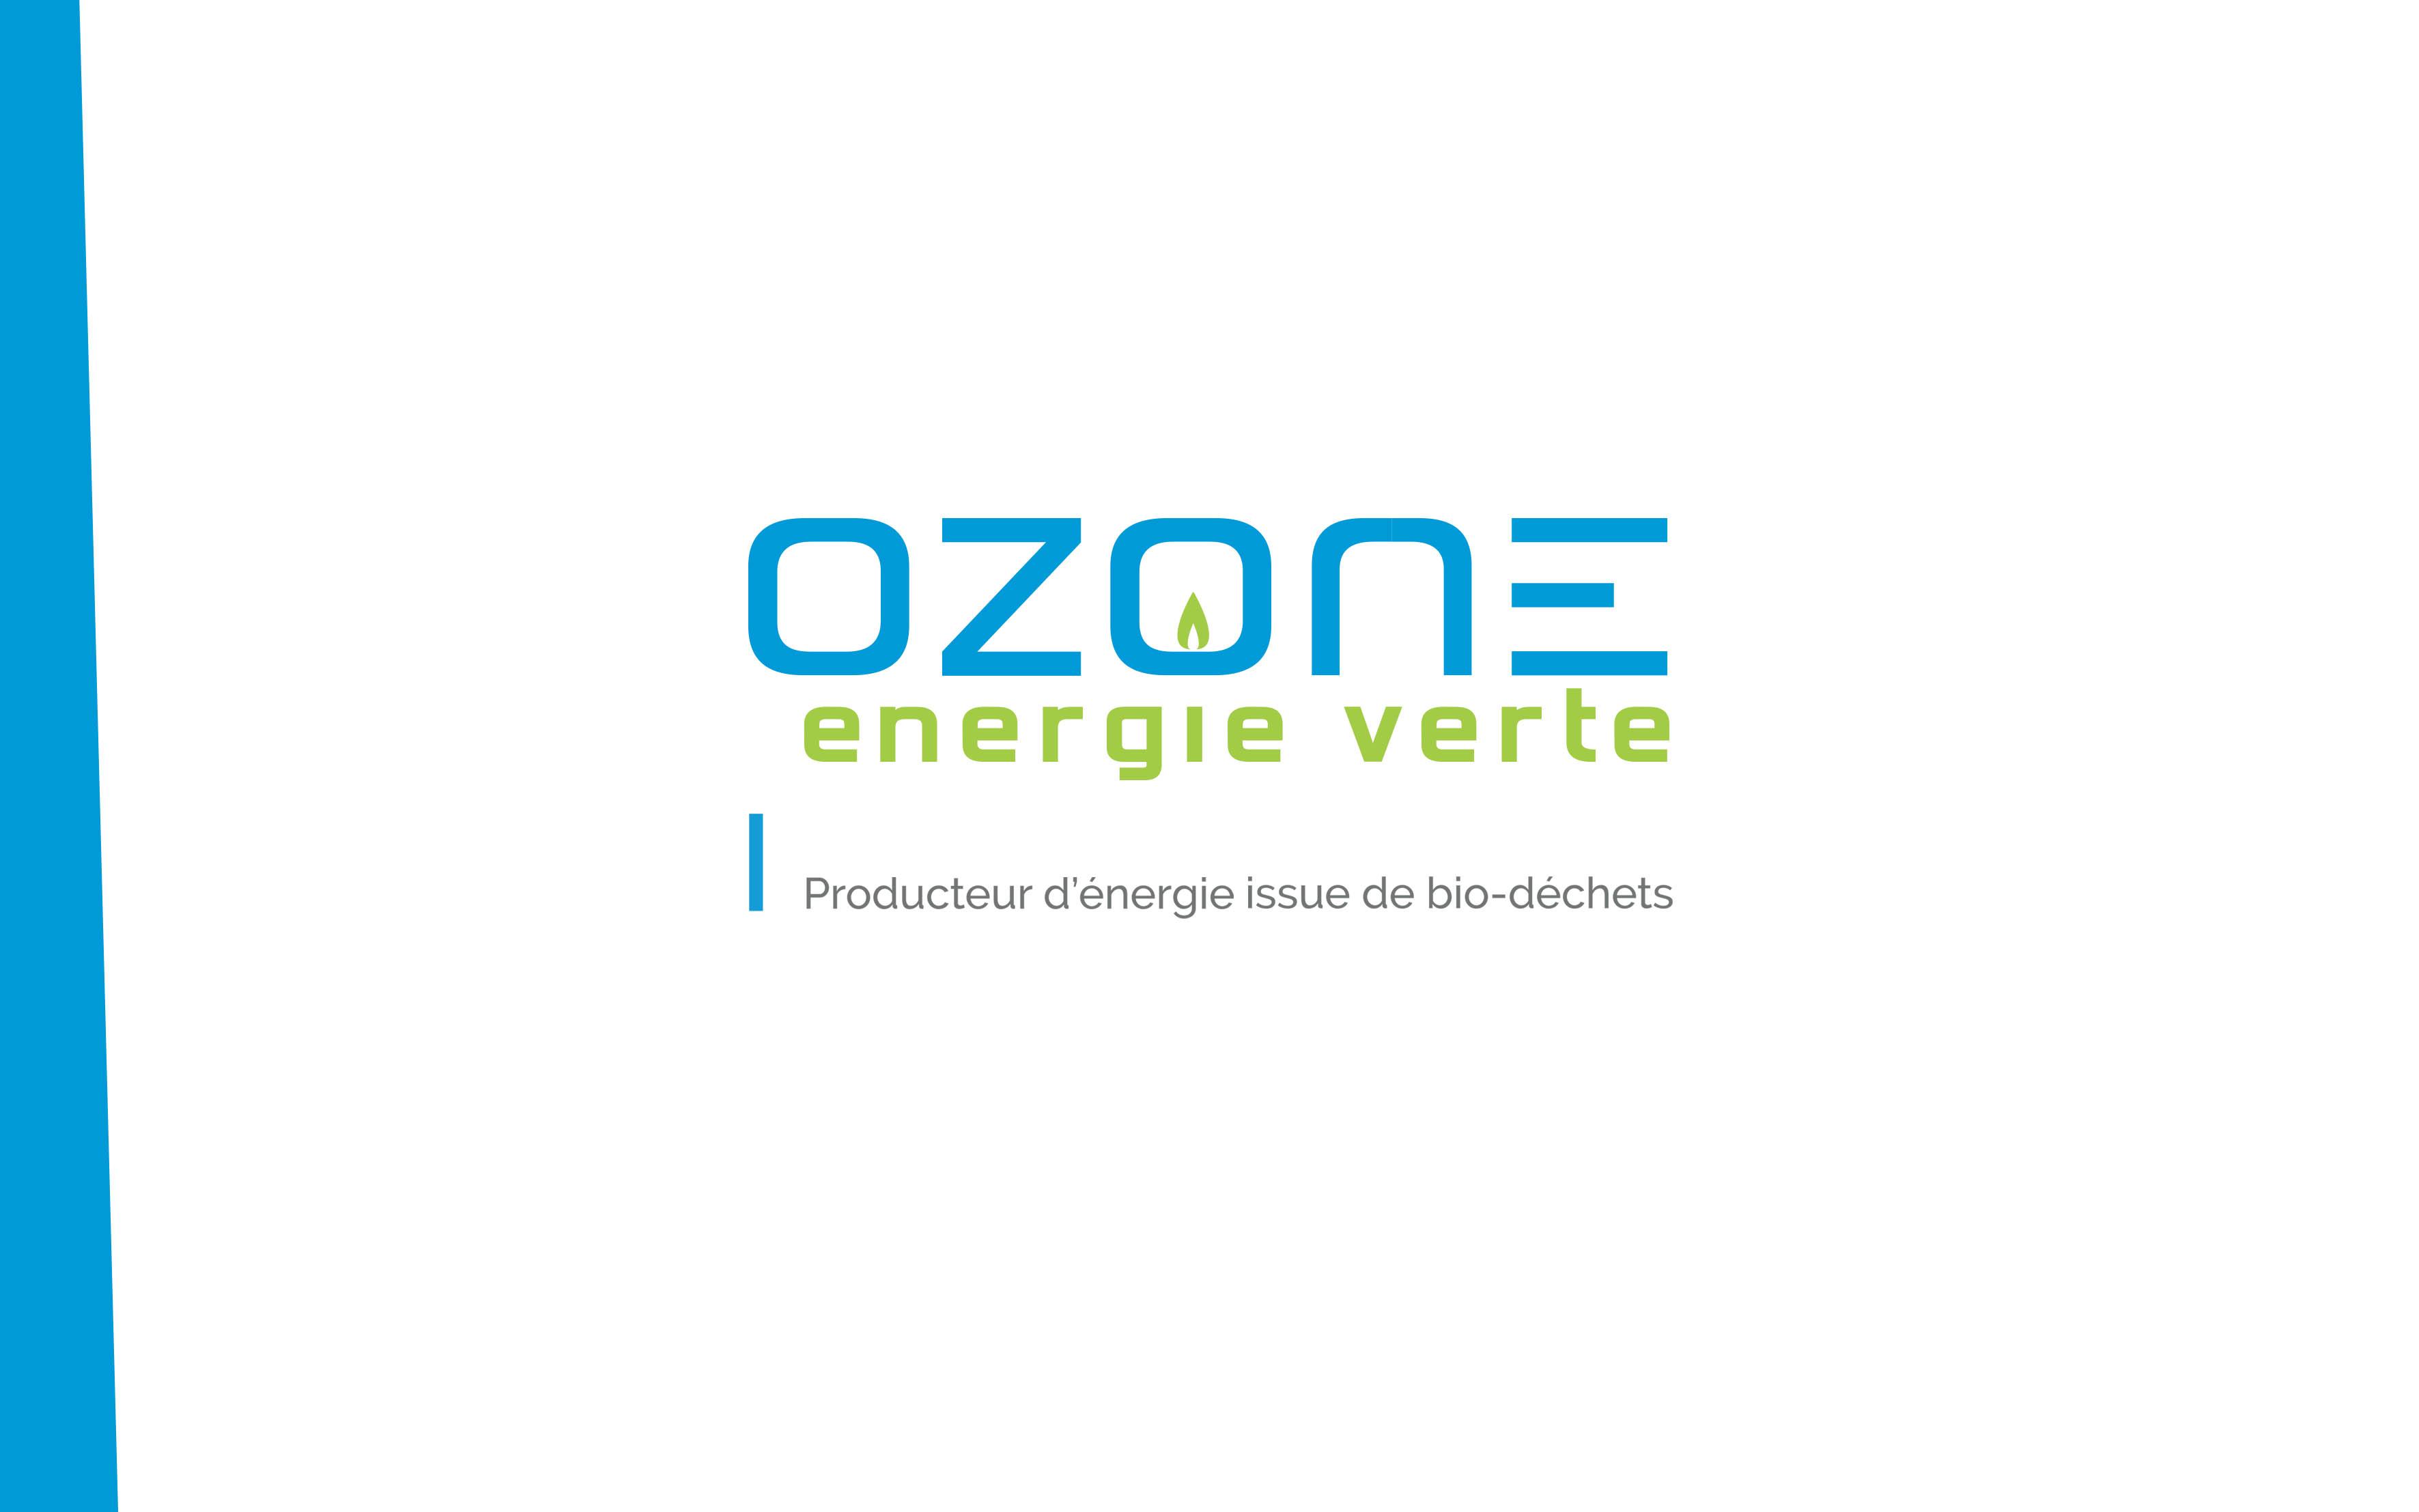 Ozone energie